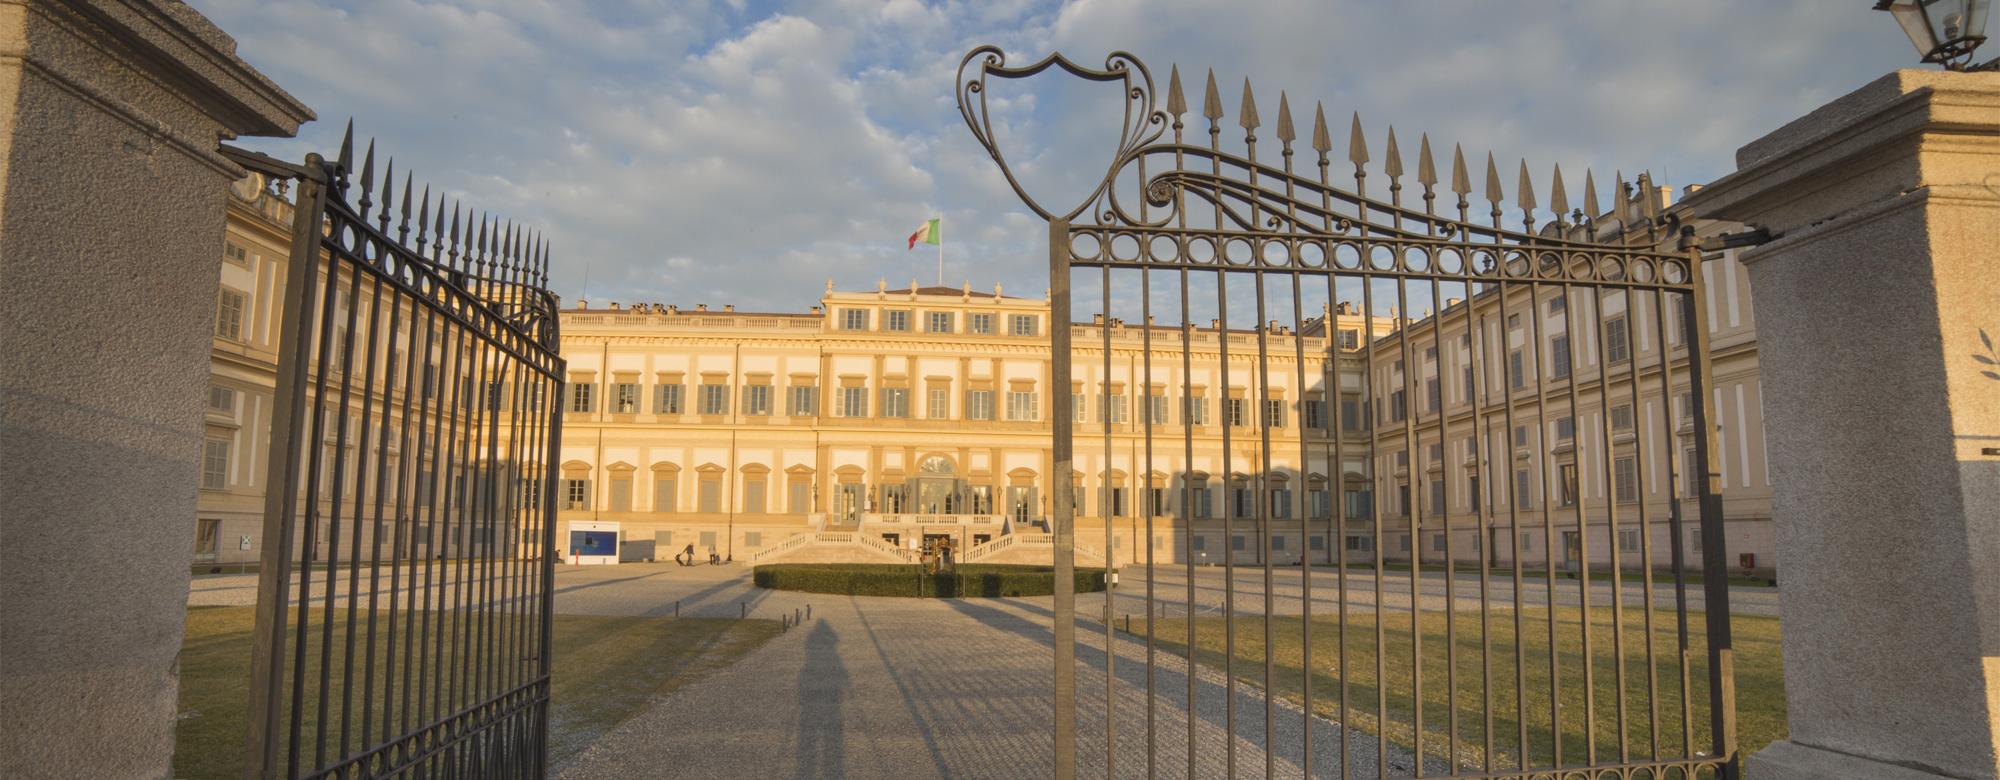 Vuoi investire nella Provincia di Monza e Brianza?